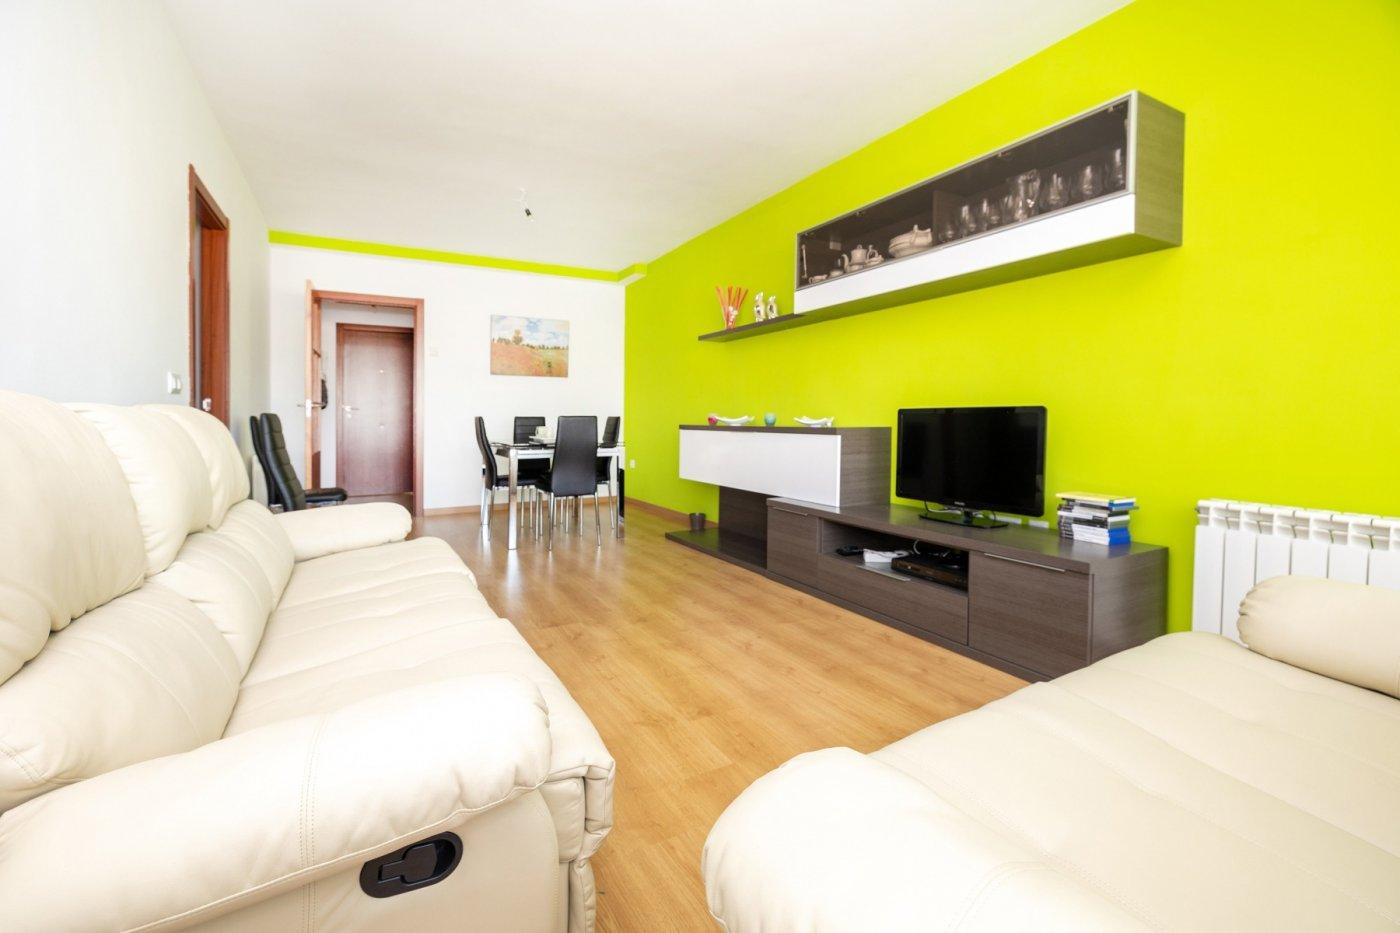 VIVIENDA EXCLUSIVA EN LA ZUBIA!! Se trata de un piso que resulta acogedor desde el primer momento, Granada